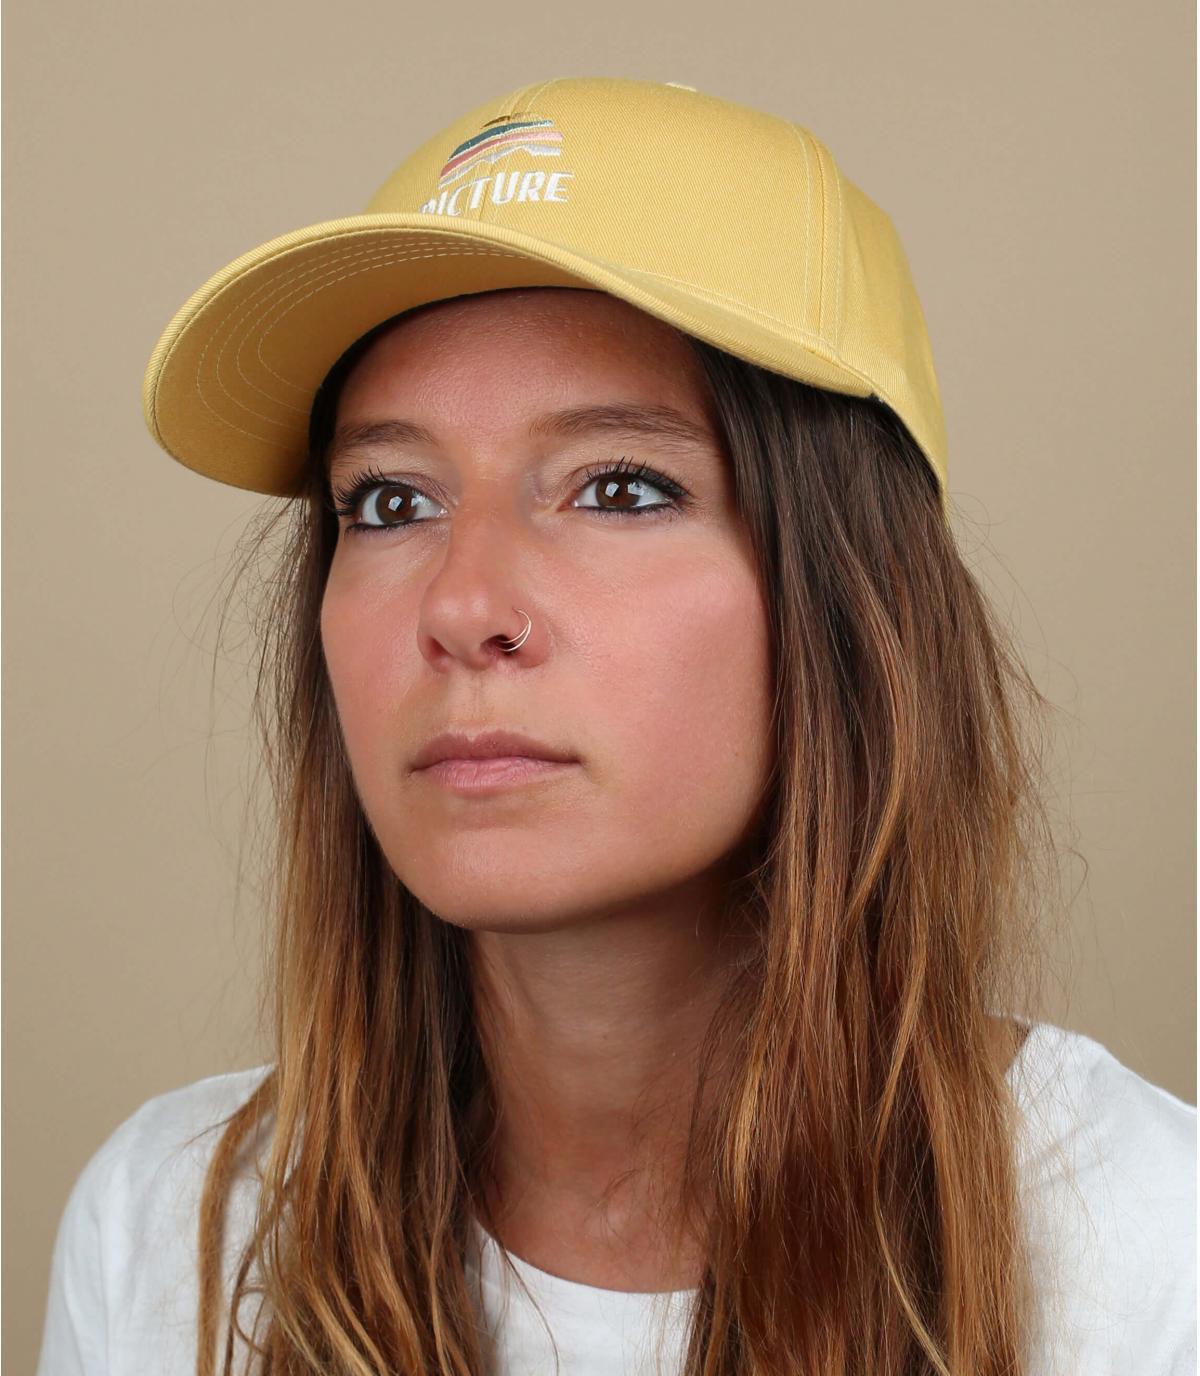 Cappellino giallo